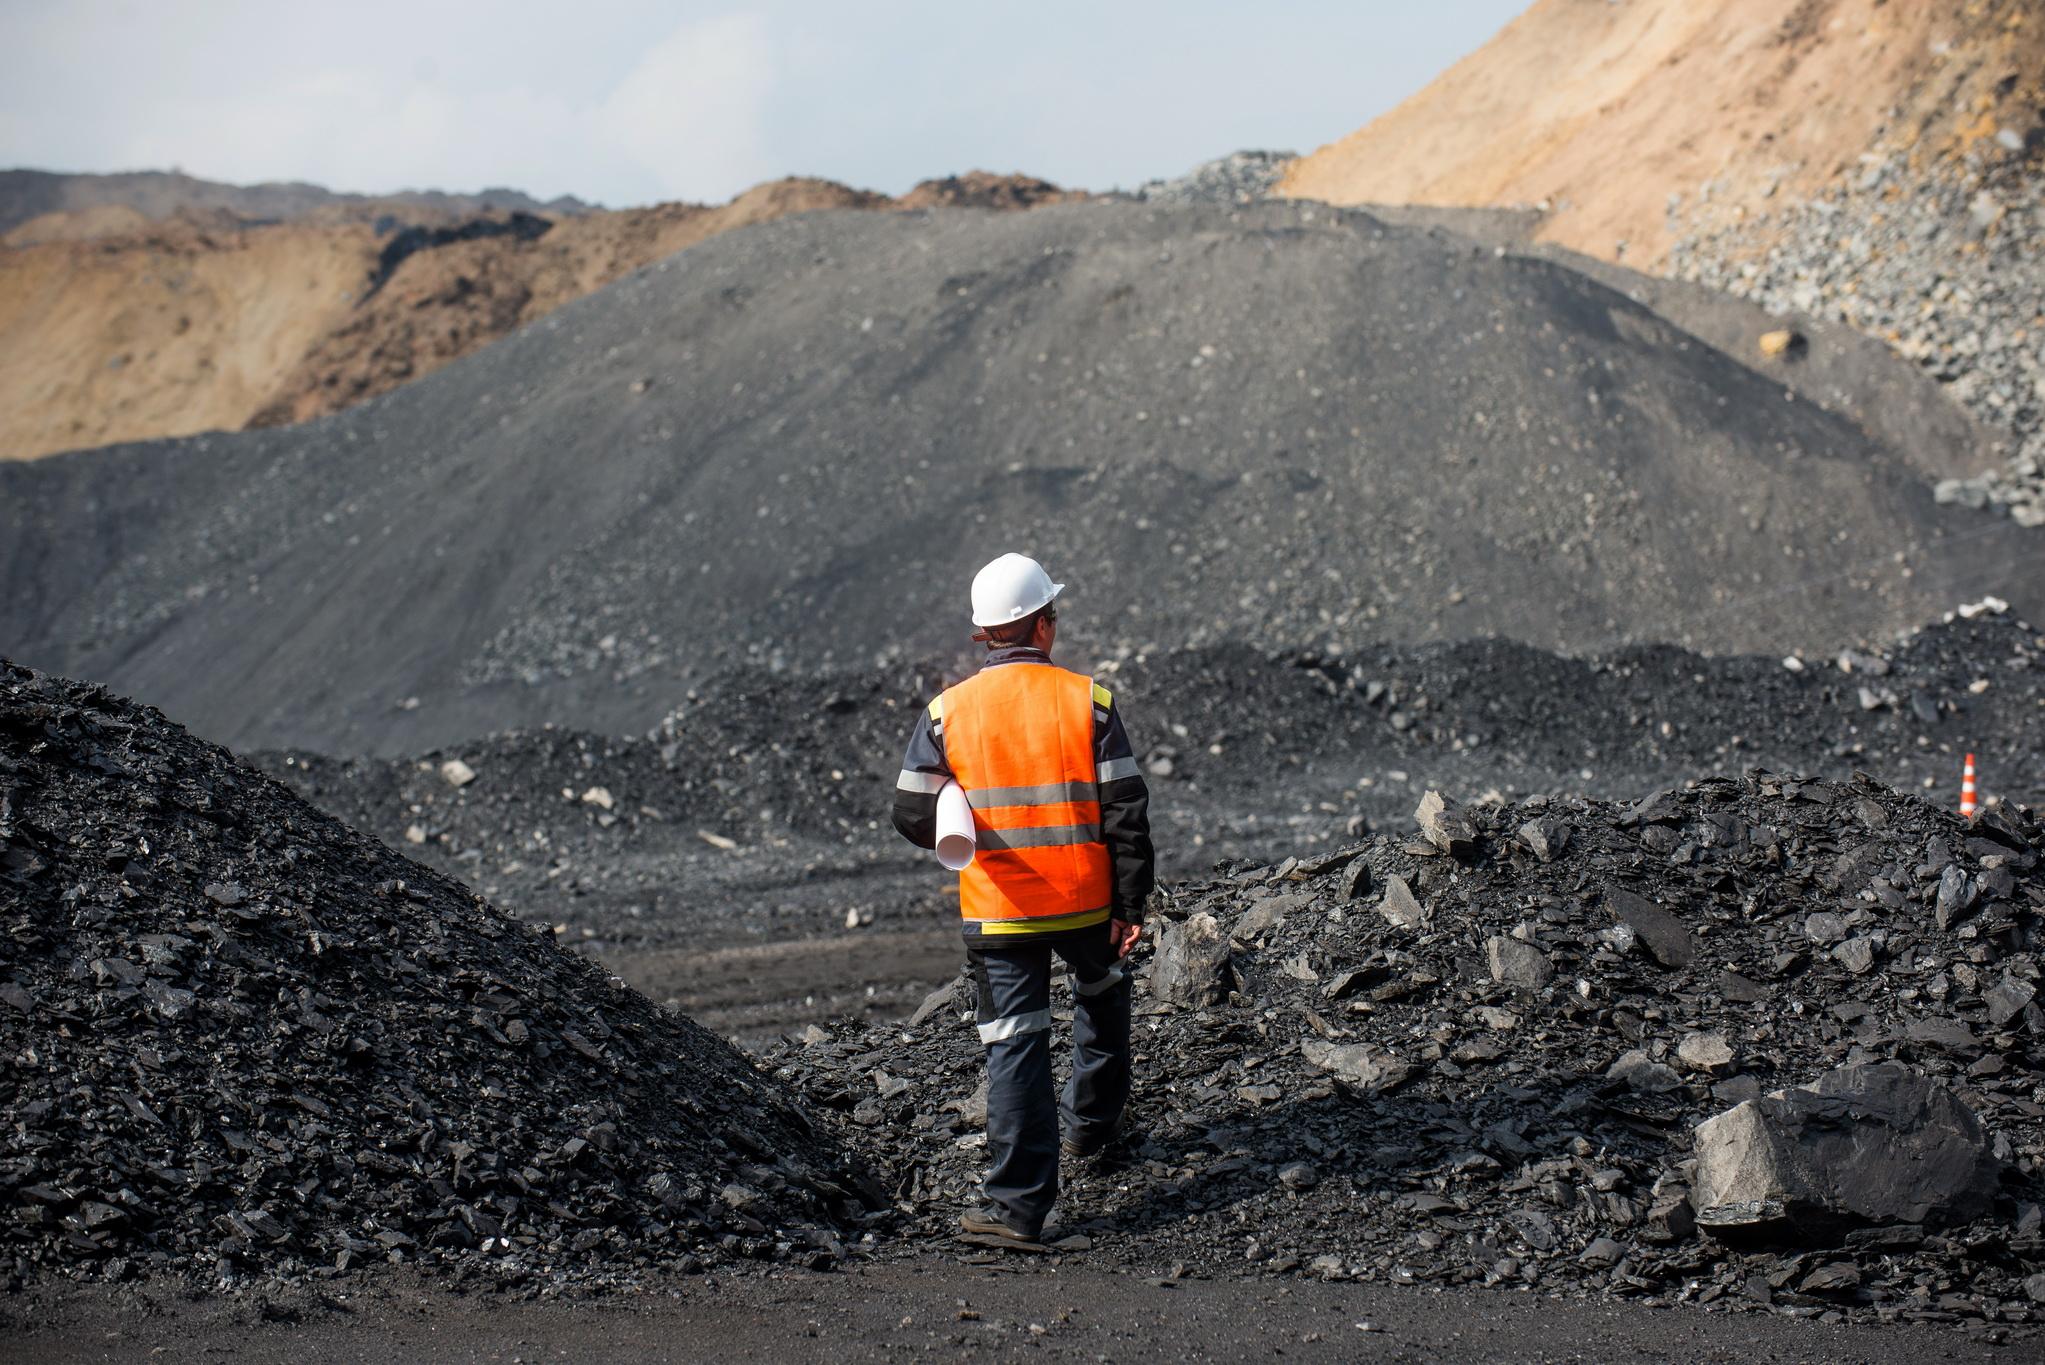 Закрытие шахт в Украине: стоит ли сейчас идти учиться на горного инженера